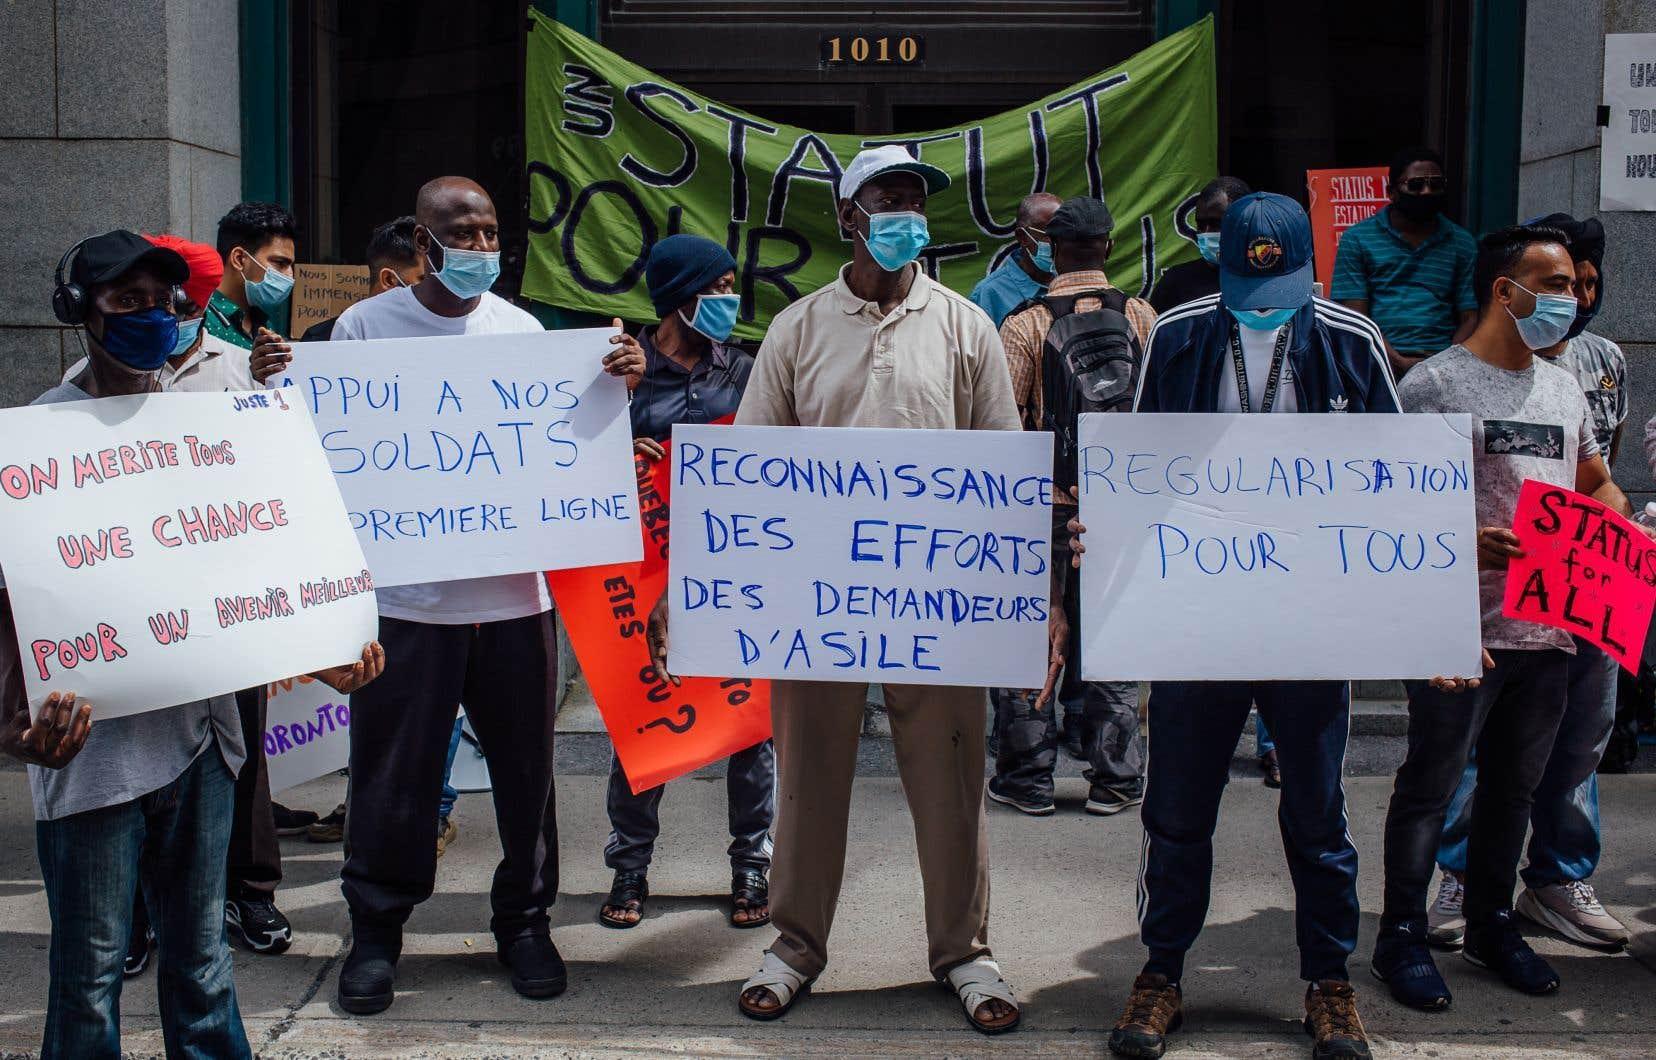 Plusieurs manifestations réclamant un statut migratoire pour les demandeurs d'asile, dont les «anges gardiens», se sont tenues l'été dernier à Montréal.